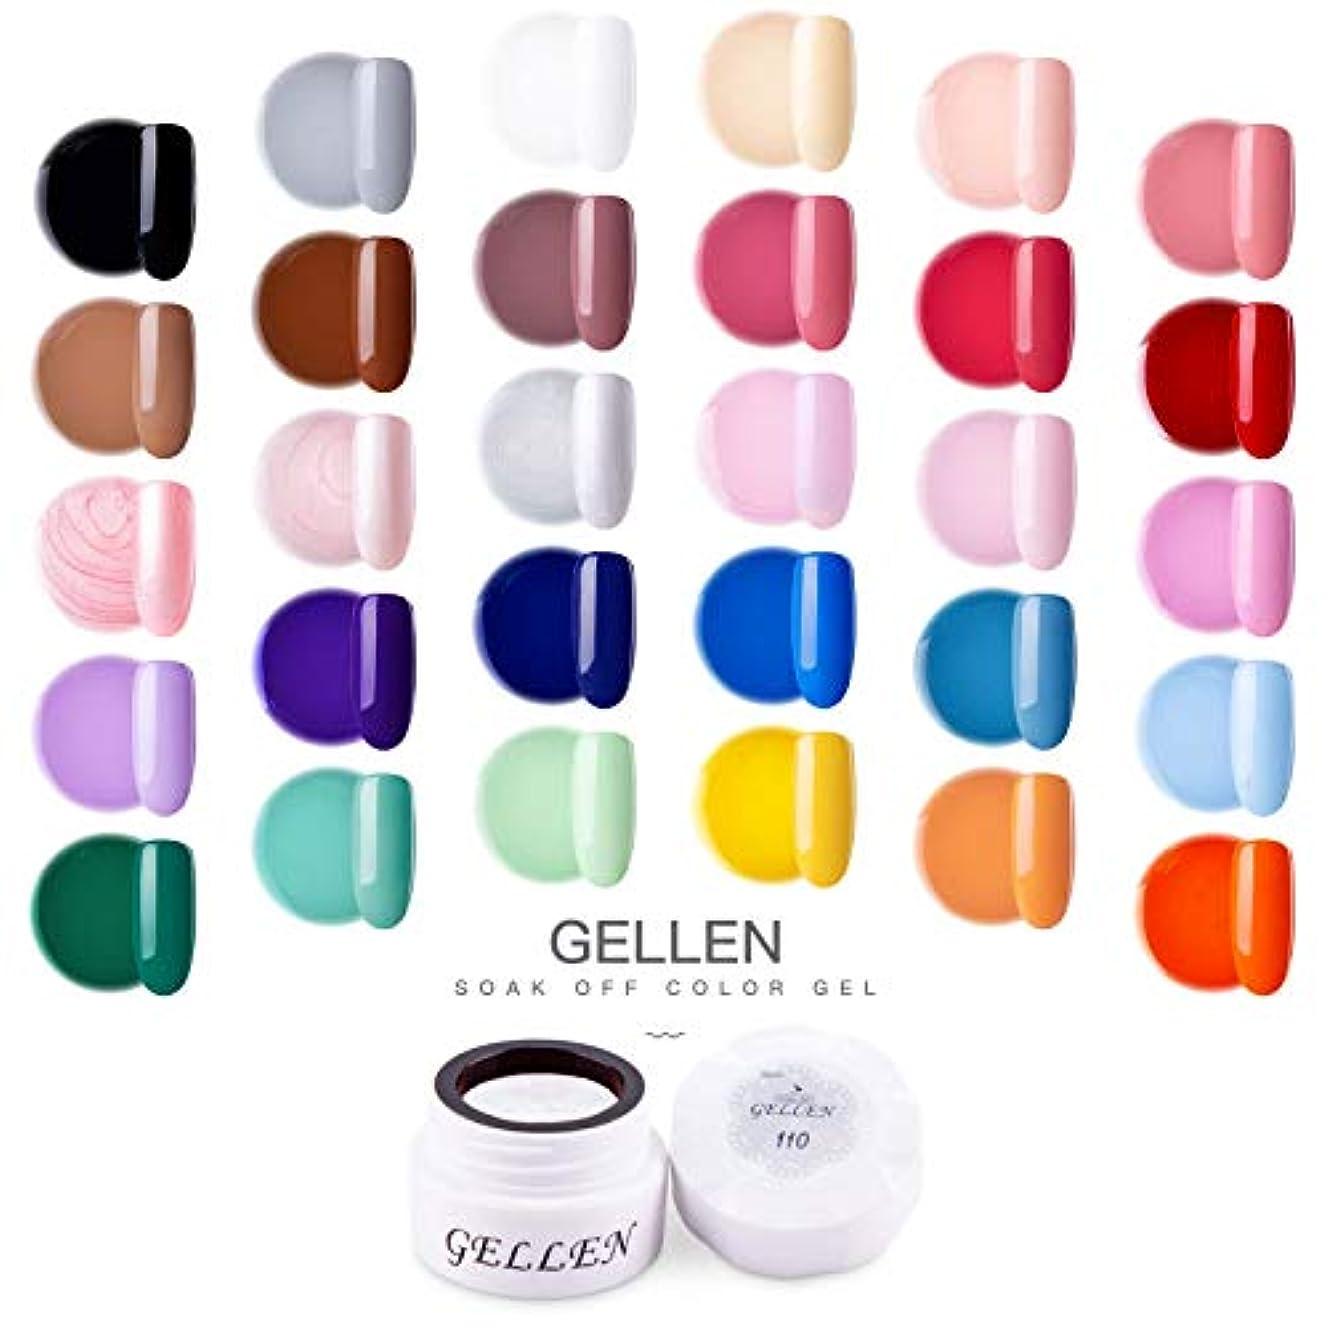 塩辛いわずかにアナリストGellen カラージェル 30色定番カラー セット 高品質 5g ジェルネイル カラー ネイルブラシ付き